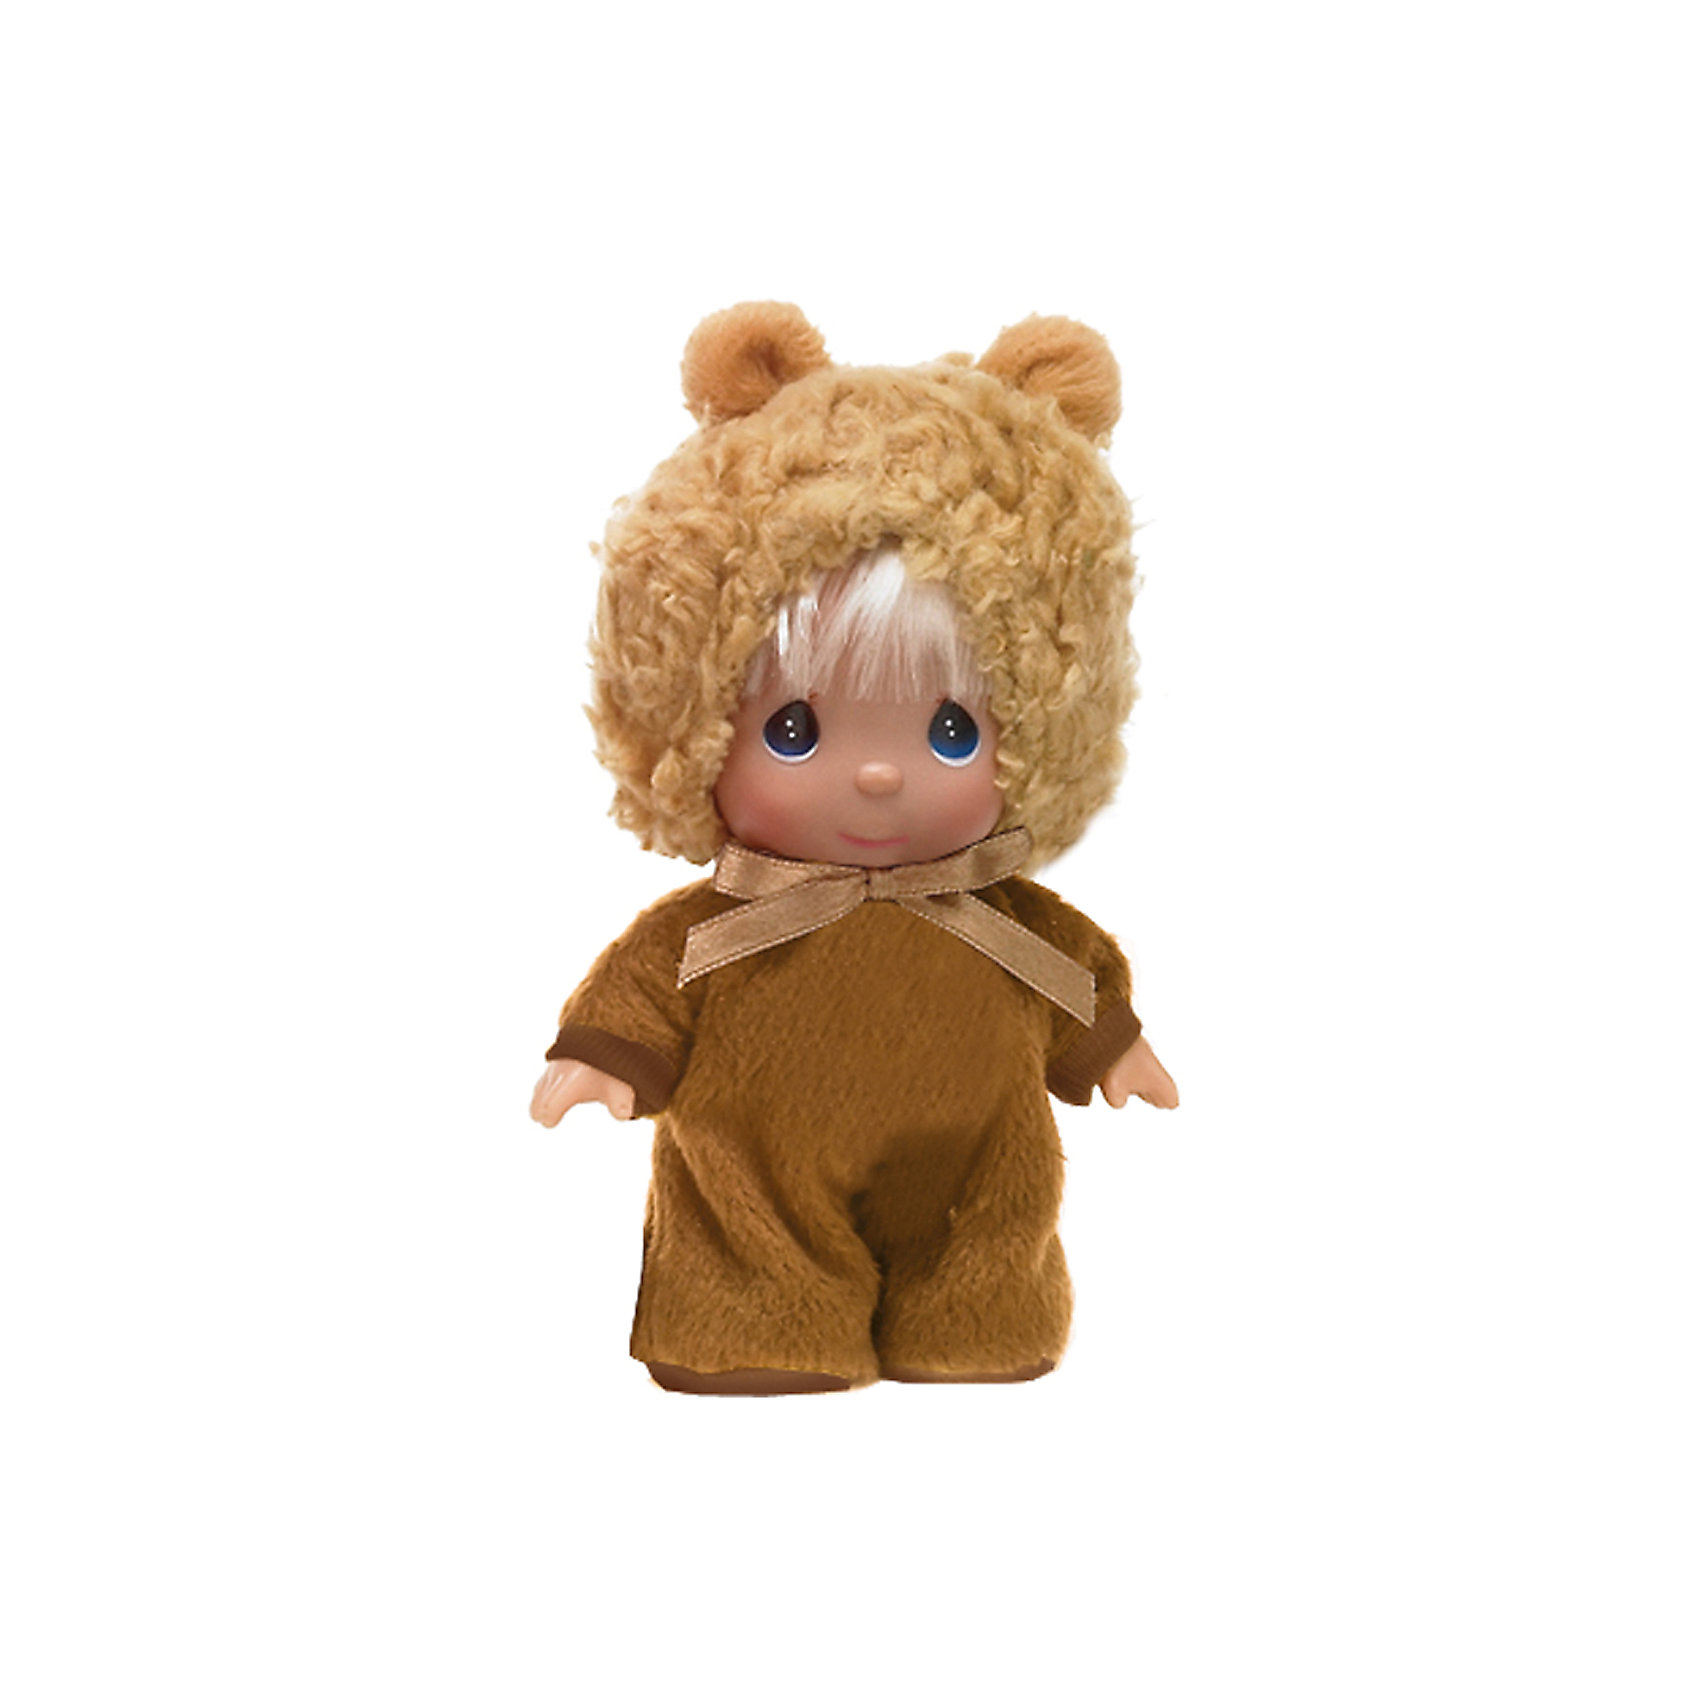 Кукла Львенок, 14 см, Precious MomentsКлассические куклы<br>Характеристики товара:<br><br>• возраст: от 5 лет;<br>• материал: винил, текстиль;<br>• высота куклы: 14 см;<br>• размер упаковки: 16х10х5 см;<br>• вес упаковки: 70 гр.;<br>• страна производитель: Филиппины.<br><br>Кукла «Львенок» 14 см Precious Moments — коллекционная кукла с выразительными голубыми глазками и светлыми волосами. Она одета в пушистый костюм львенка с гривой, ушками и хвостиком. У куклы имеются подвижные детали. Она выполнена из качественного безопасного материала.<br><br>Куклу «Львенок» 14 см Precious Moments можно приобрести в нашем интернет-магазине.<br><br>Ширина мм: 60<br>Глубина мм: 140<br>Высота мм: 40<br>Вес г: 80<br>Возраст от месяцев: 36<br>Возраст до месяцев: 2147483647<br>Пол: Женский<br>Возраст: Детский<br>SKU: 5482520